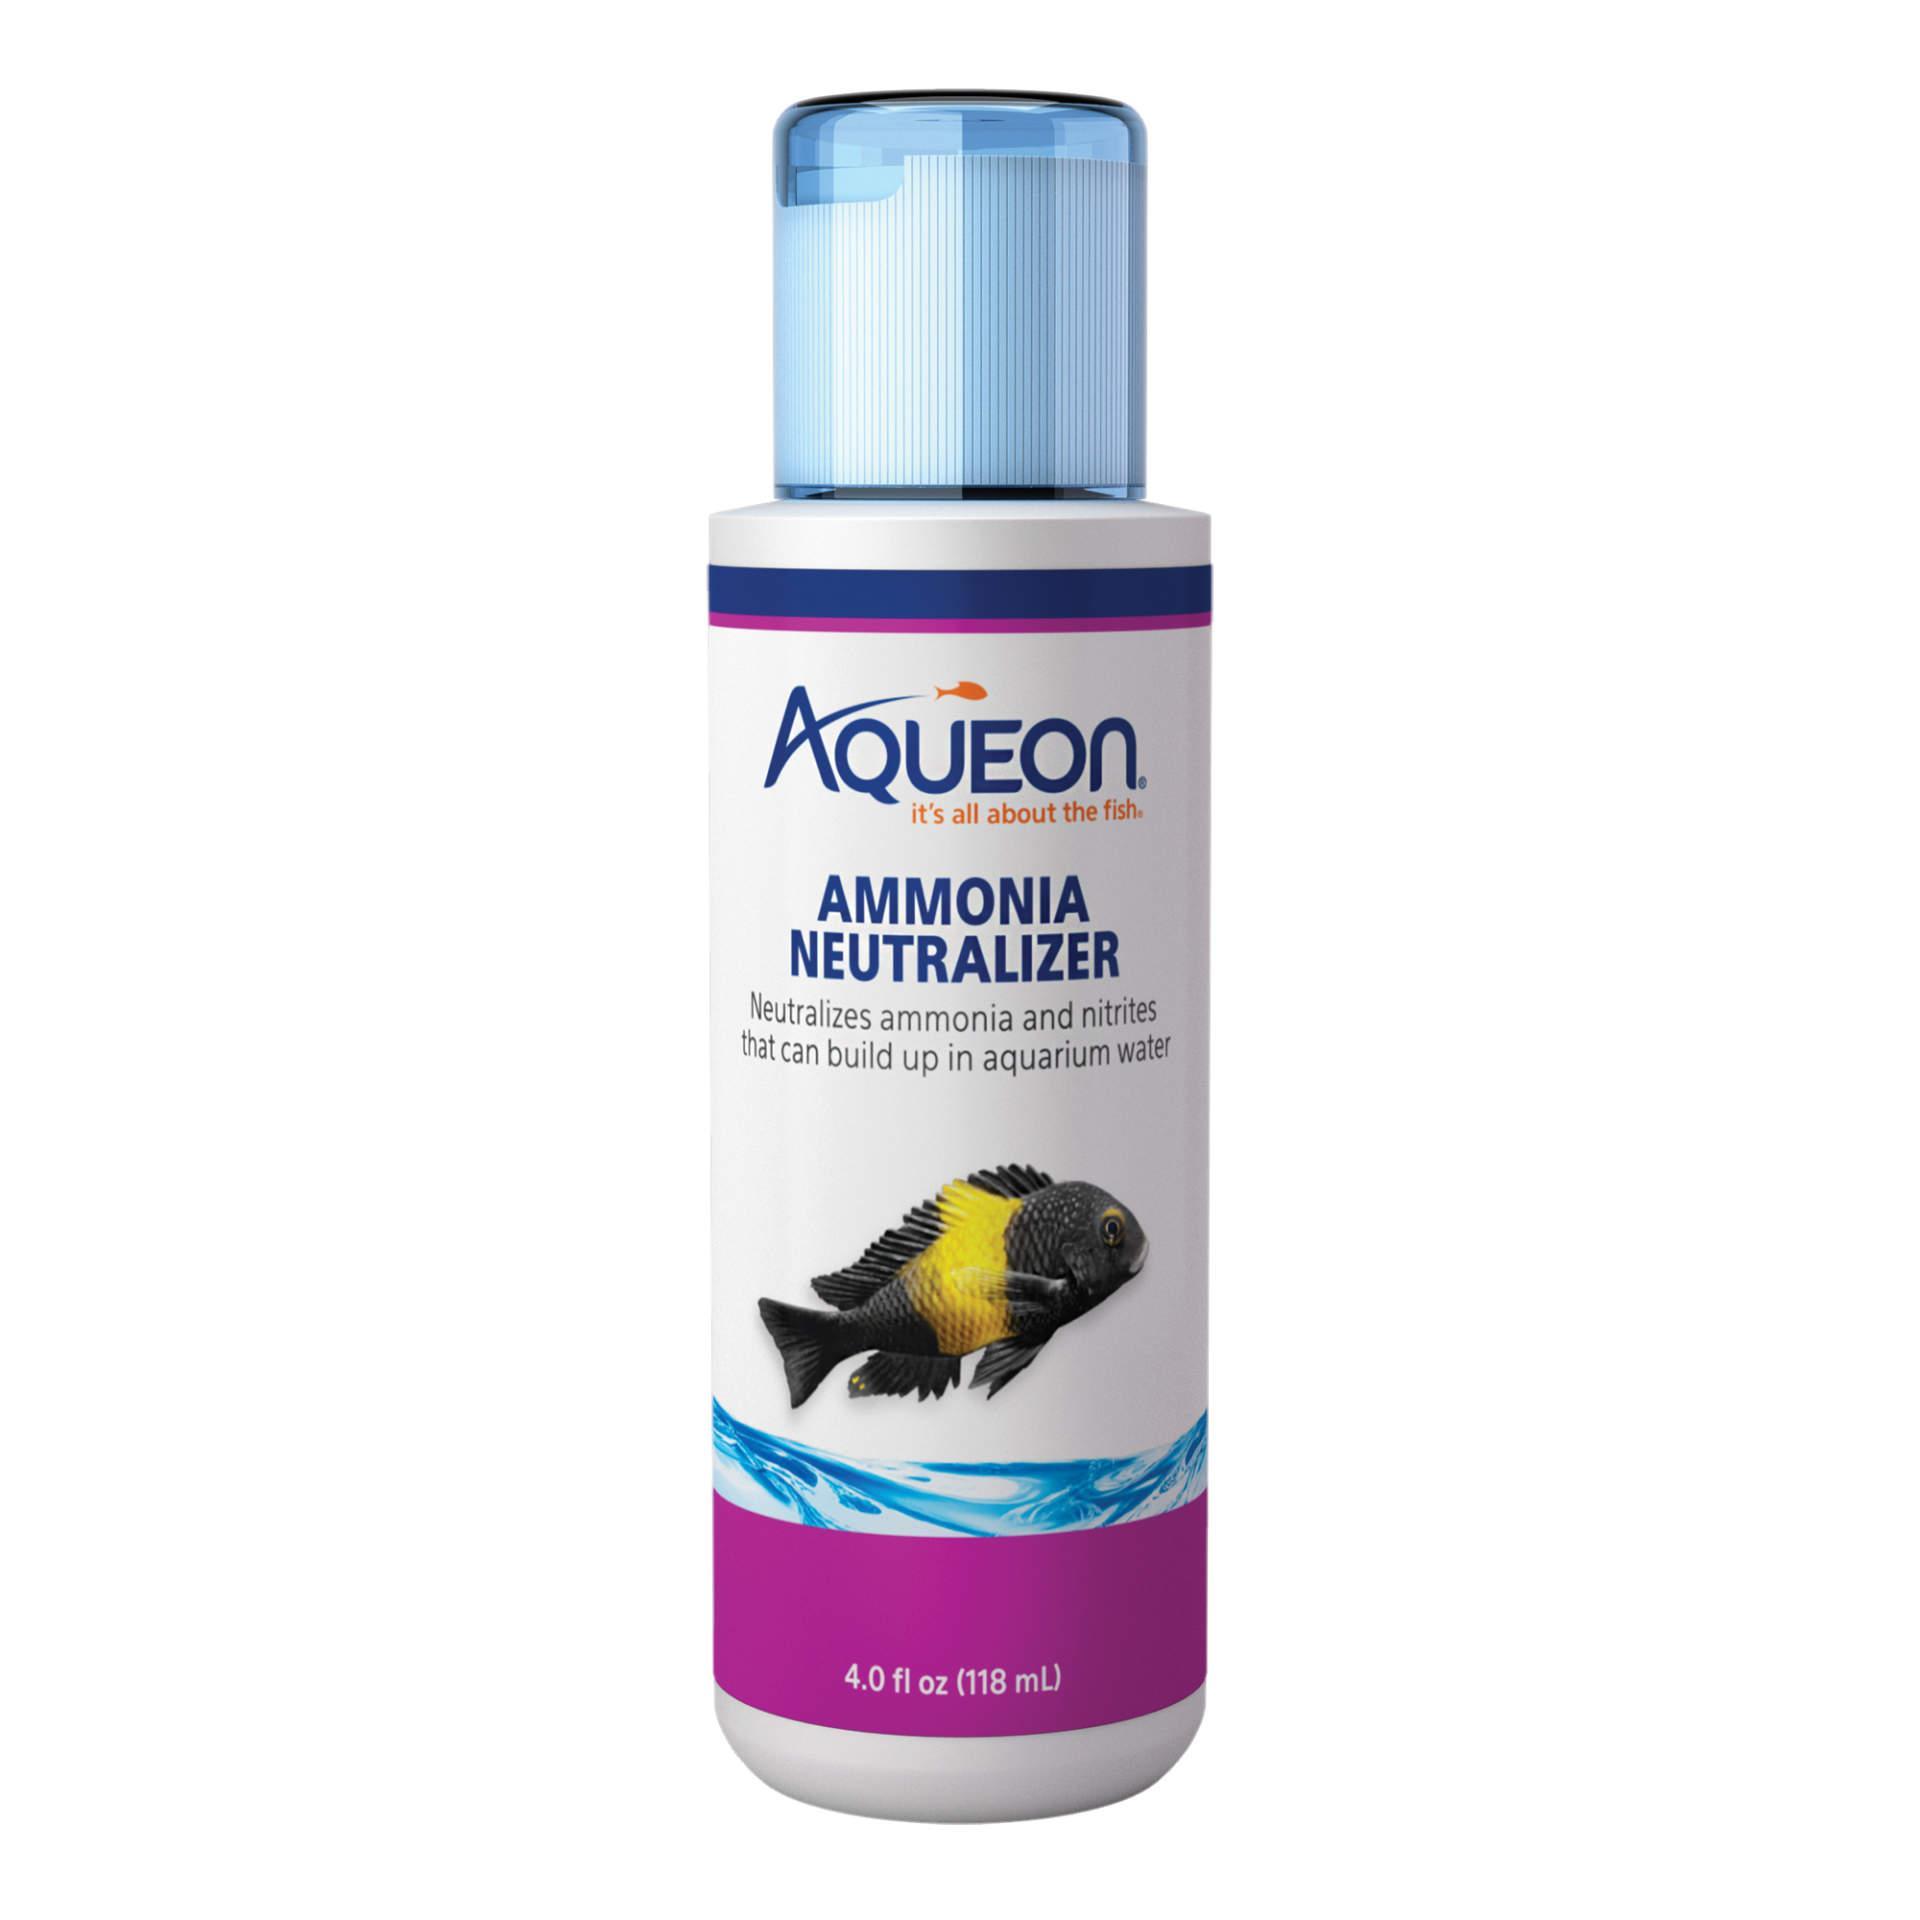 Aqueon Ammonia Neutralizers for Aquariums Image